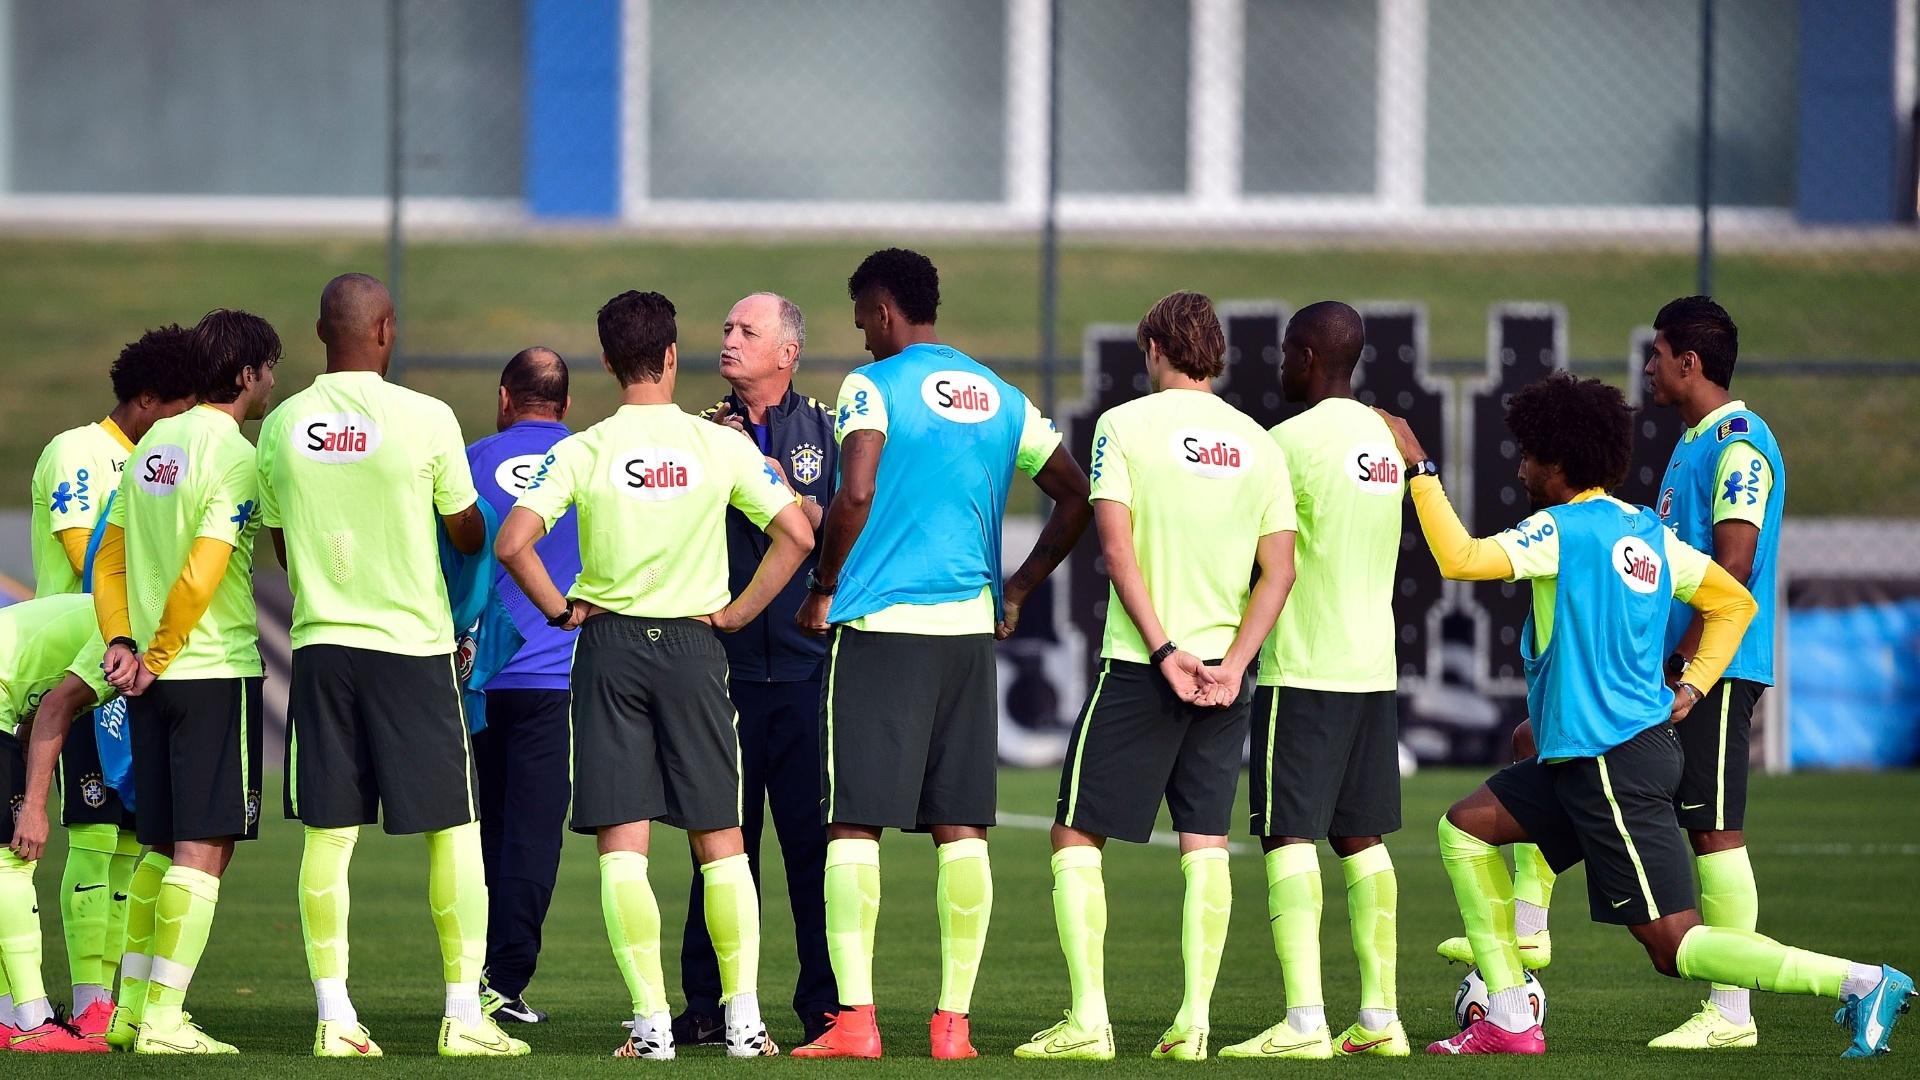 01.07.2014 - Técnico Luiz Felipe Scolari conversa com jogadores da seleção brasileira na Granja Comary em Teresópolis